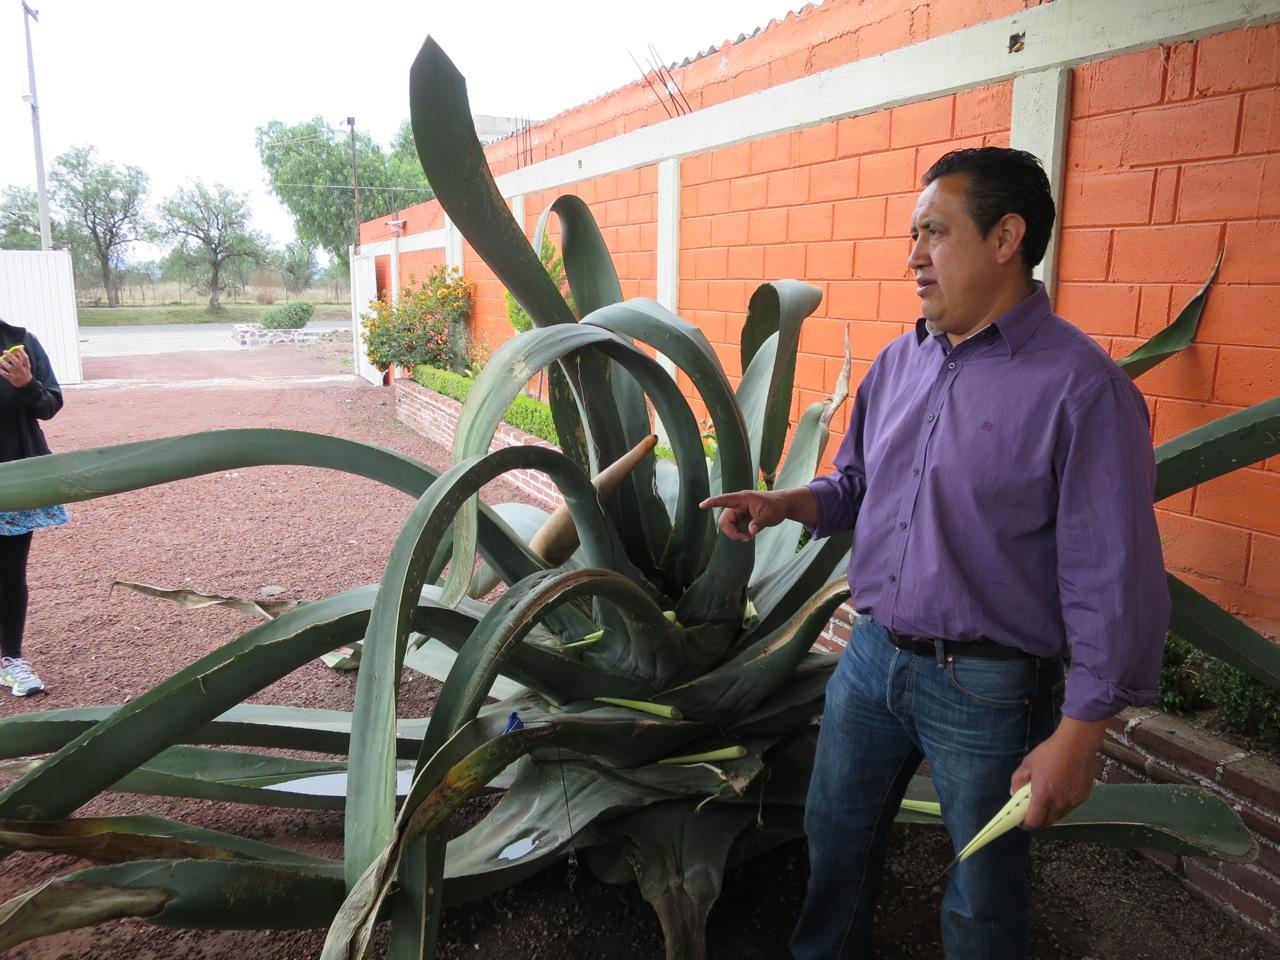 Teotihuacan 1-05